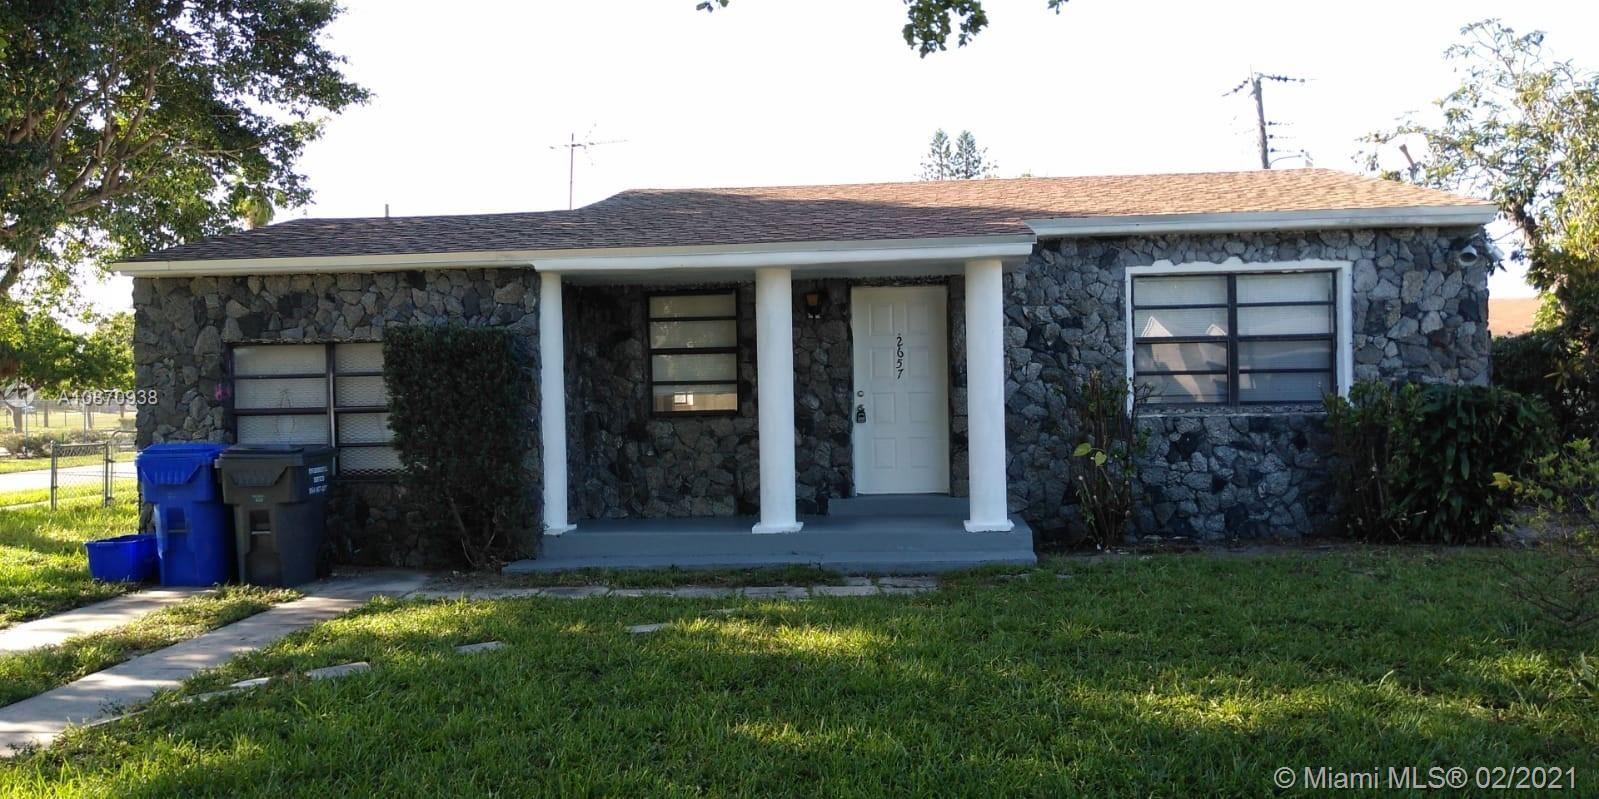 2657 Fletcher Ct, Hollywood, FL 33020 - #: A10870938